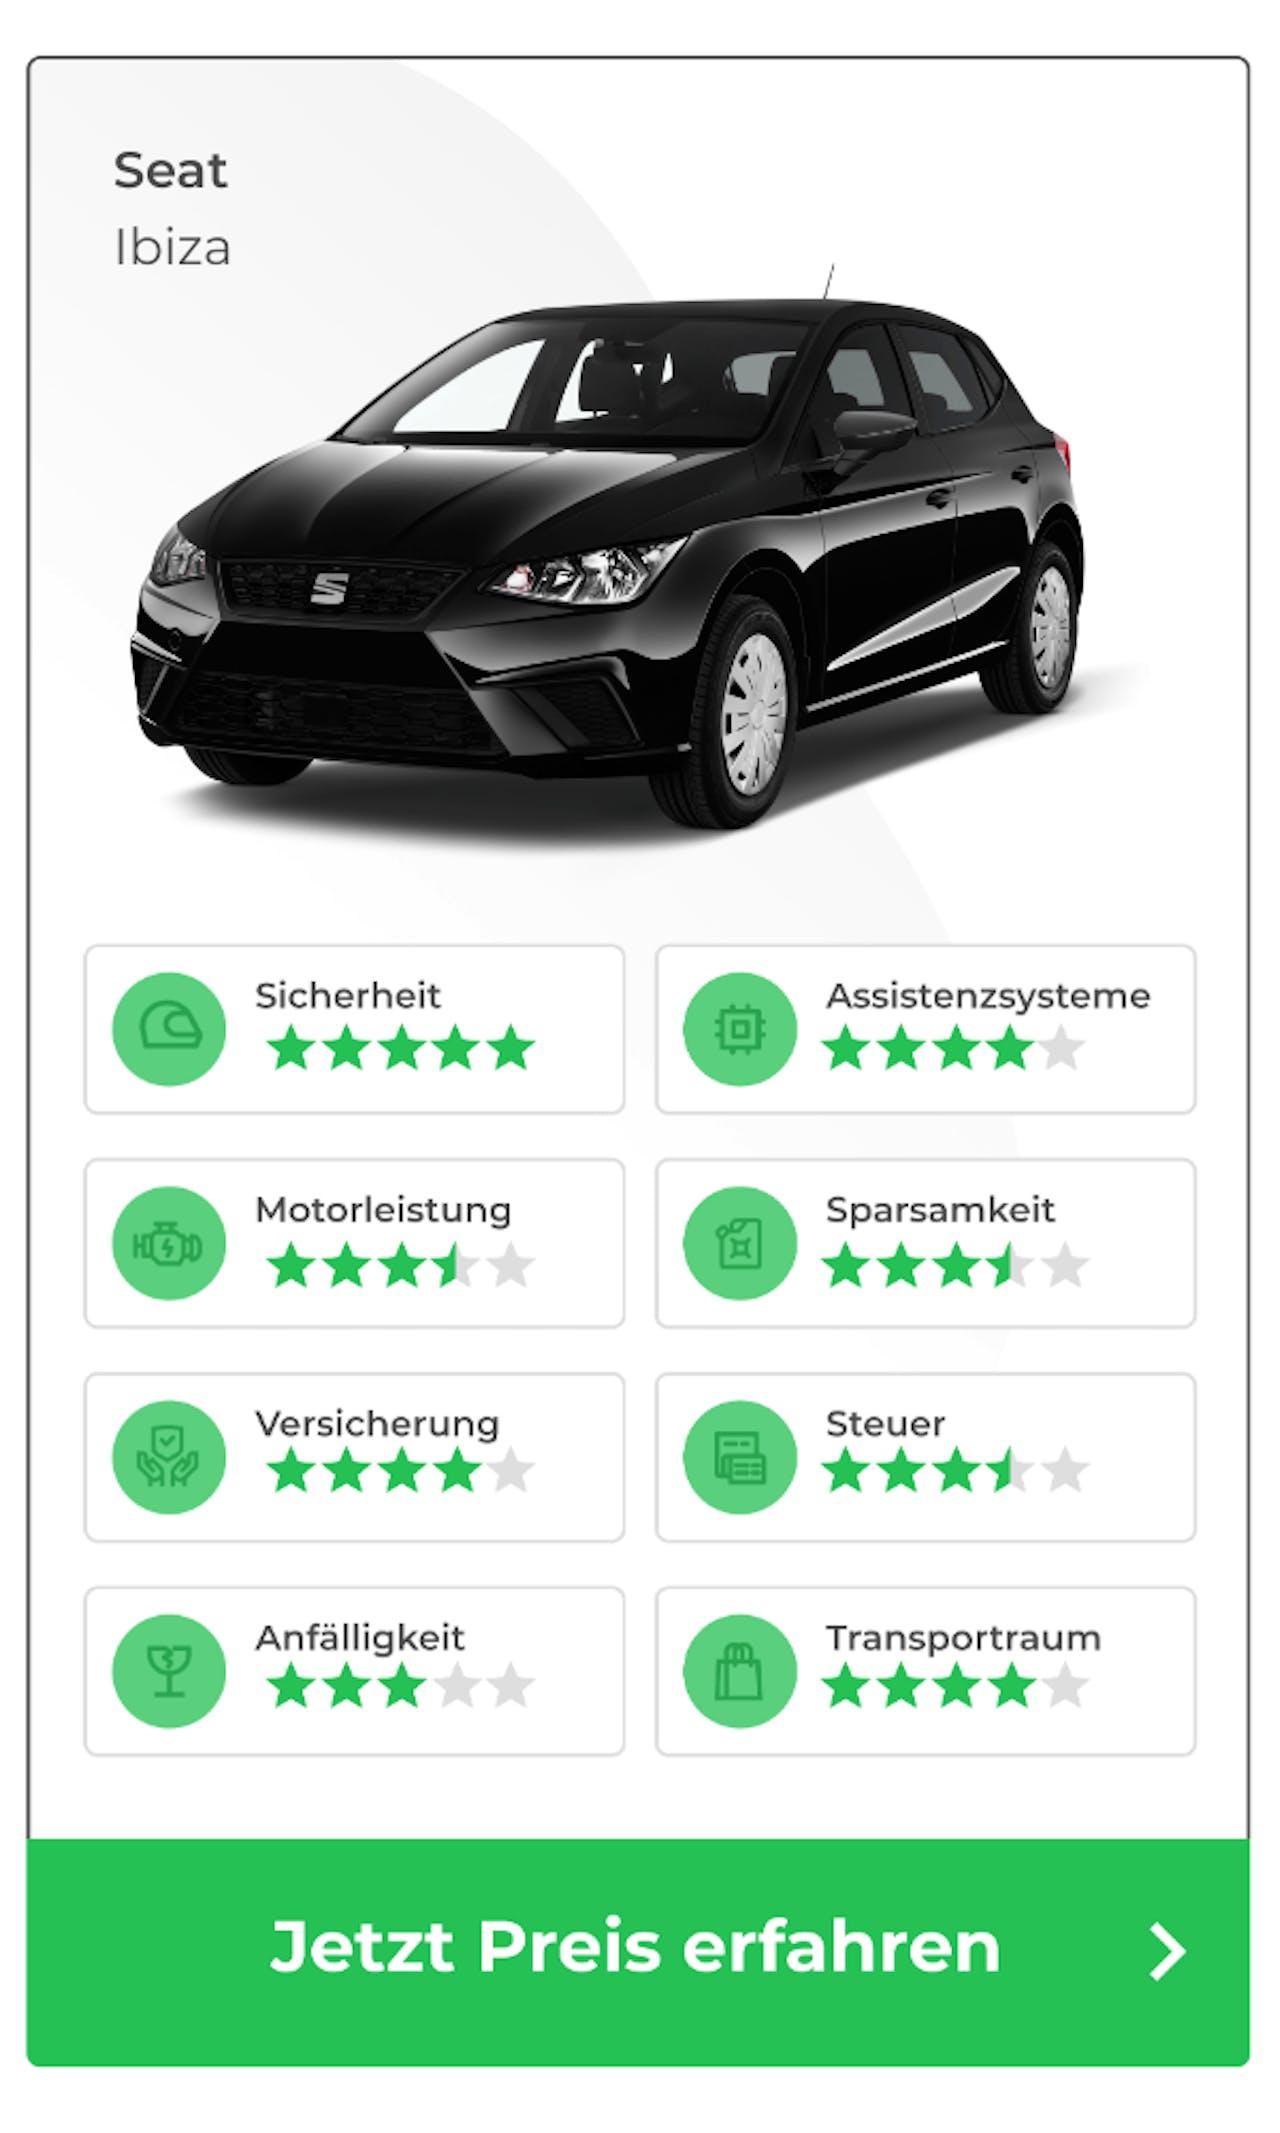 Seat Ibiza Testergebnisse. Gesucht: Das beste erste Auto von VEHICULUM